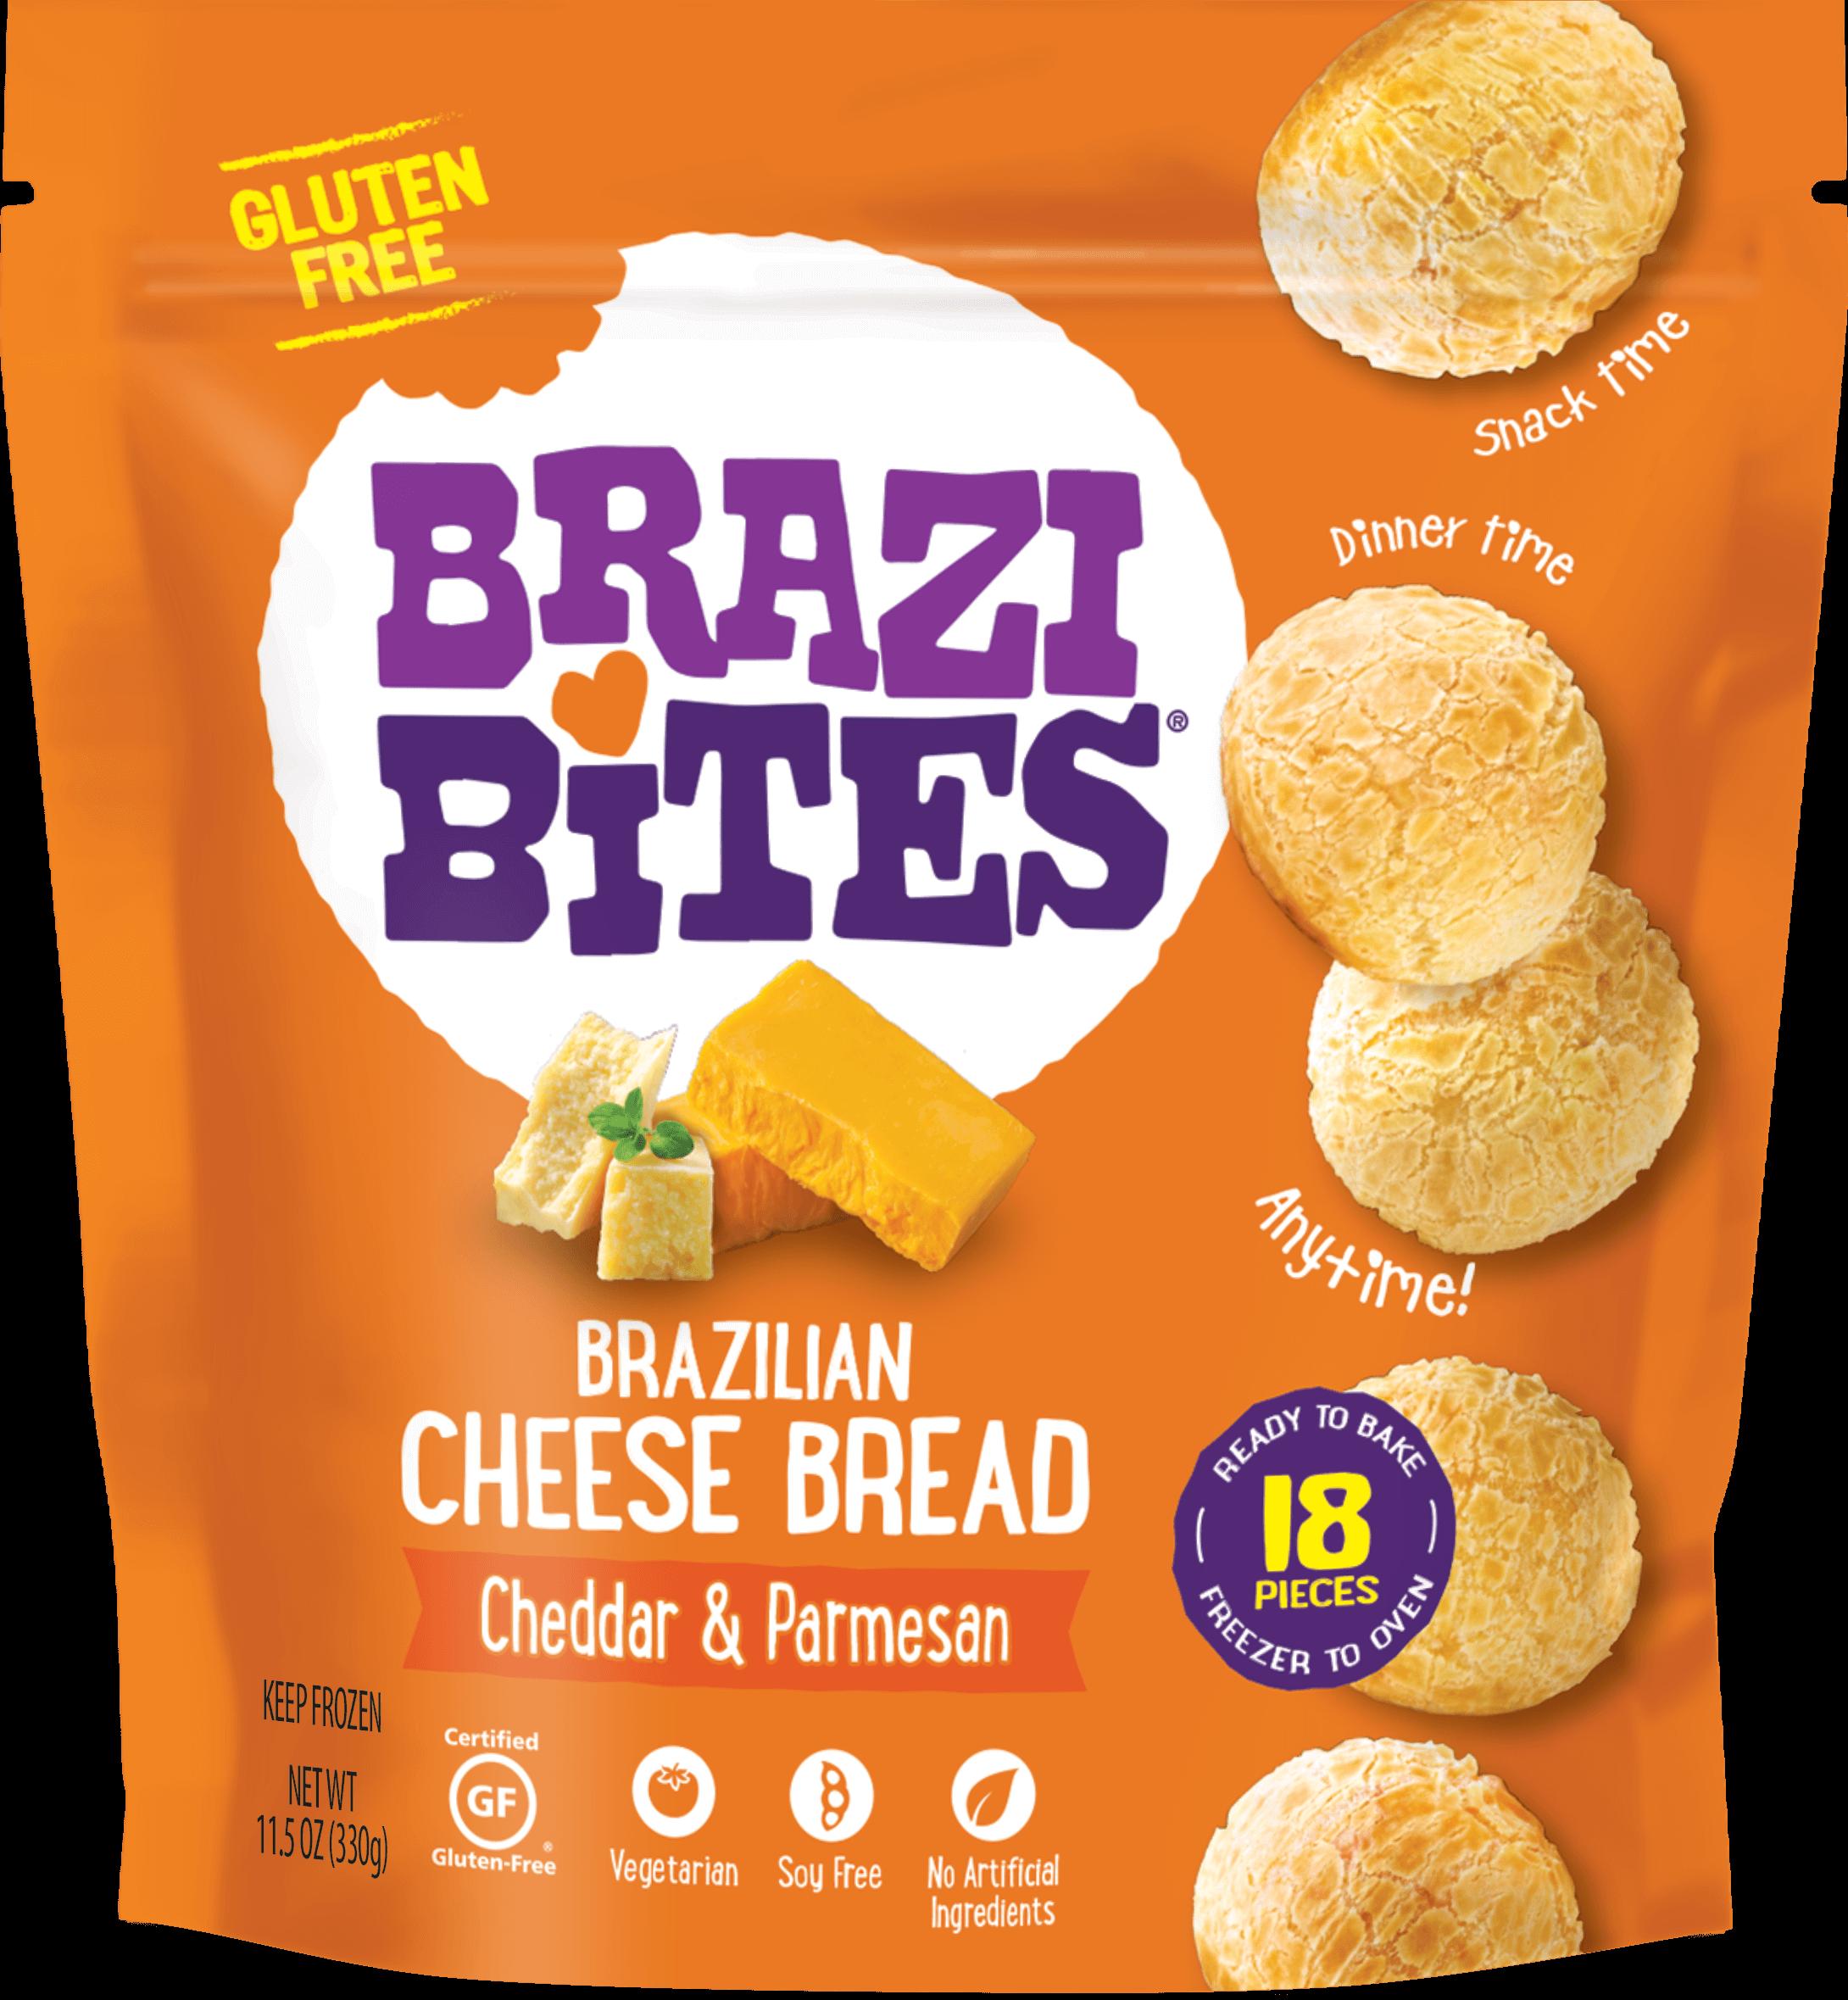 Recipe Brazi Bites In 2021 Cheese Bread Brazilian Cheese Bread Brazi Bites